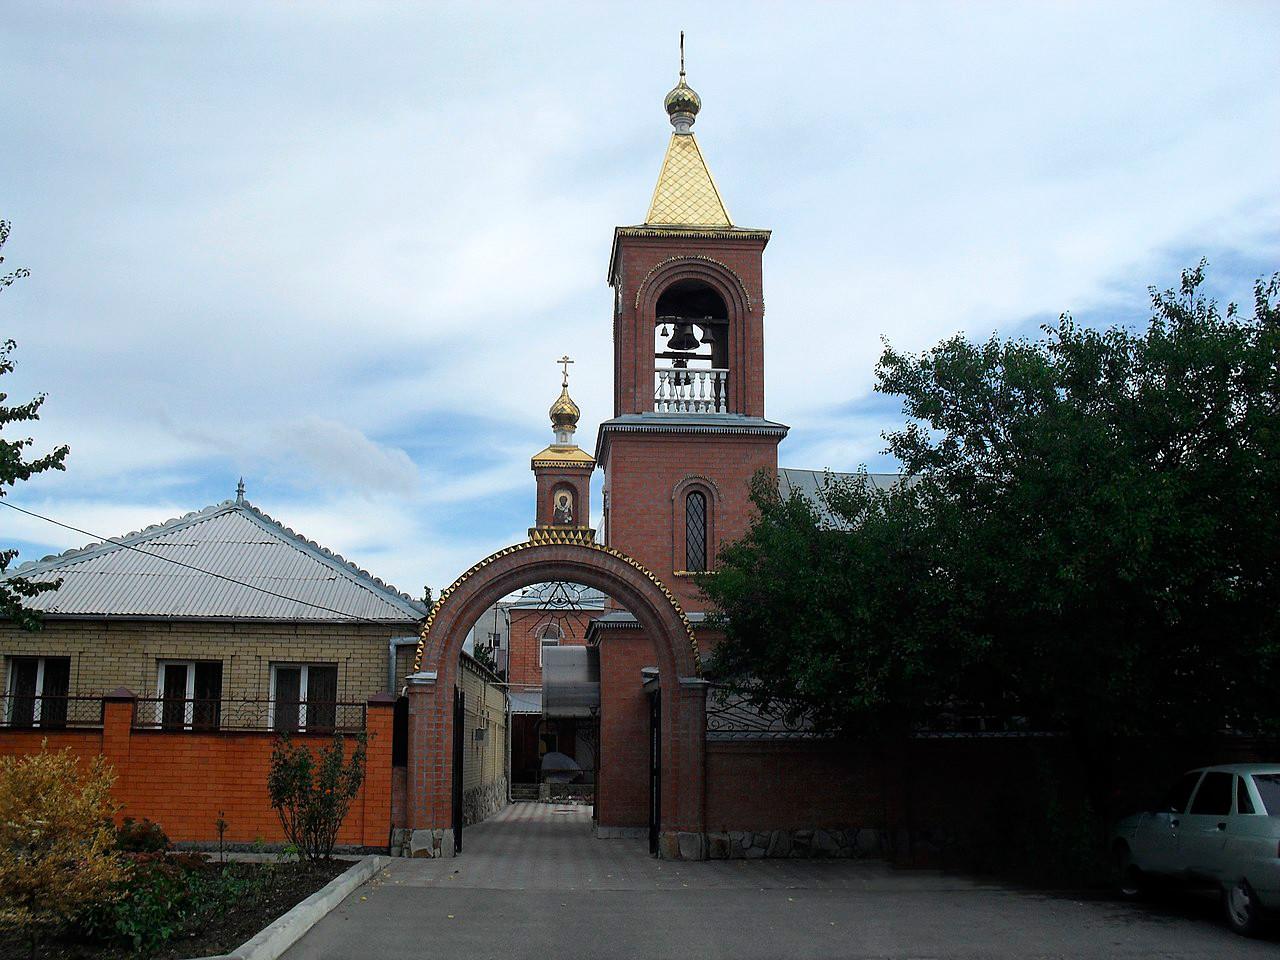 Храм светог Николаја Чудотворца у граду Минералне Воде на Кавказу, подигнут 1950. године.